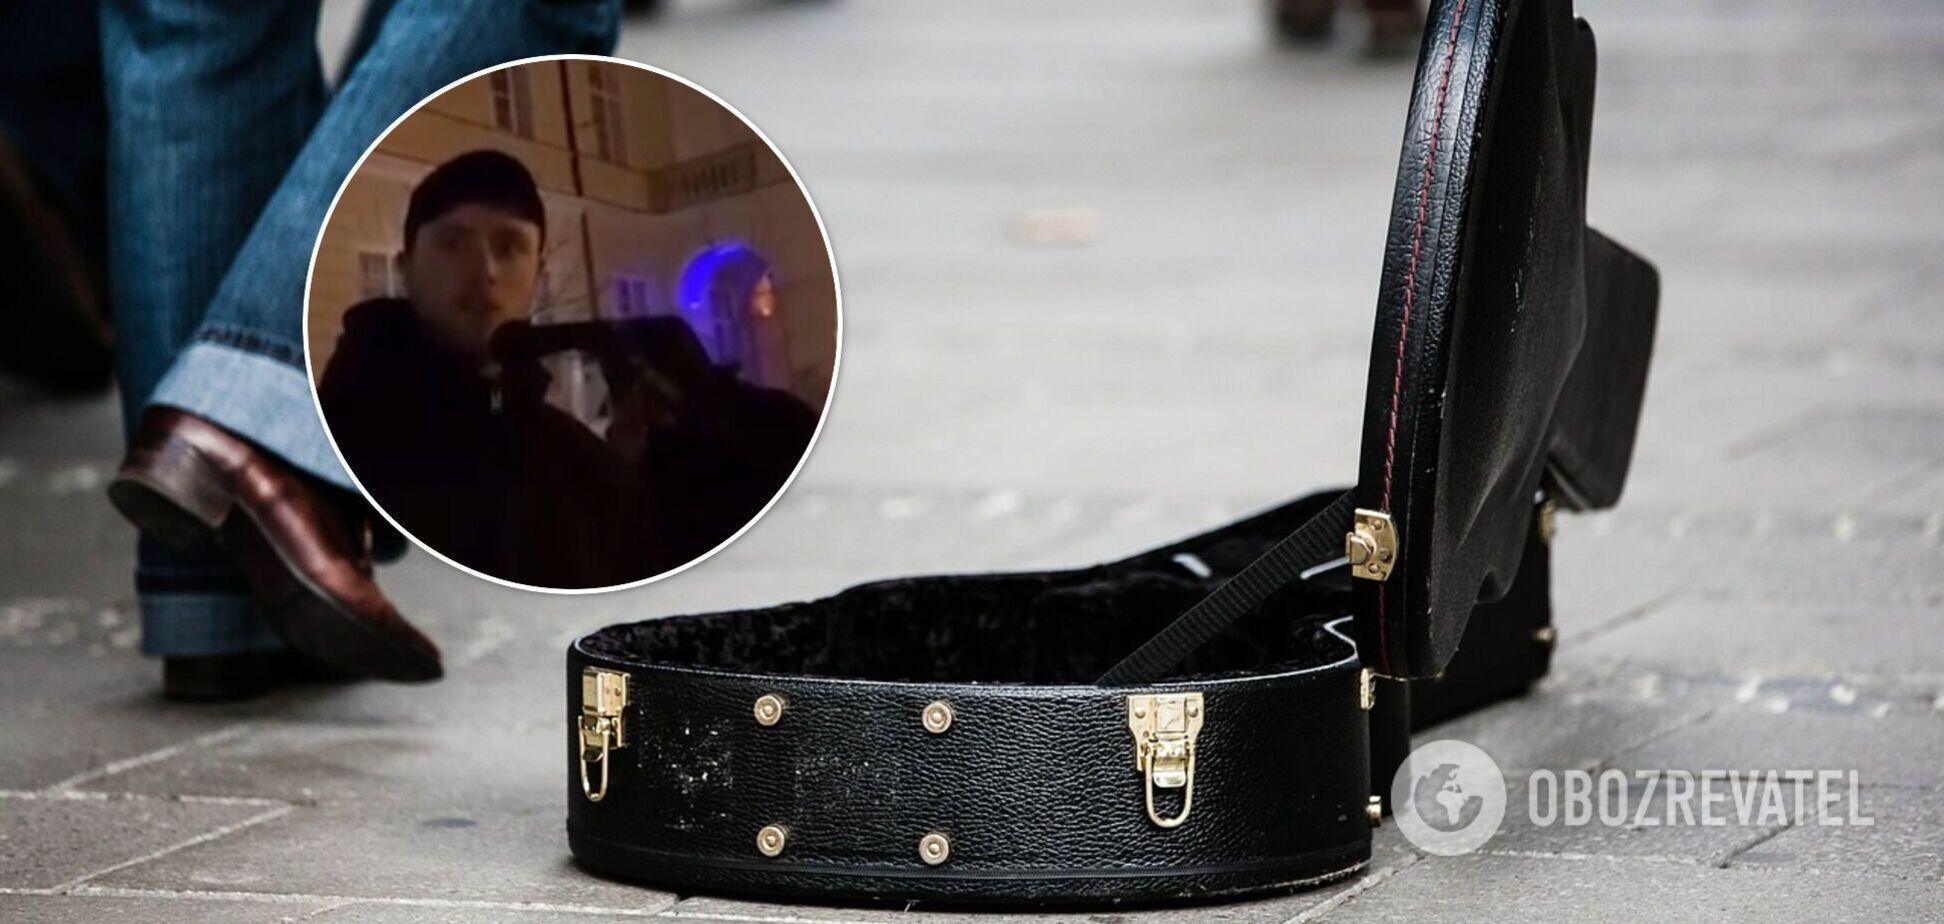 Во Львове проучили музыканта, пославшего девушку 'на панель, если ее тошнит от русского языка'. Видео конфликта